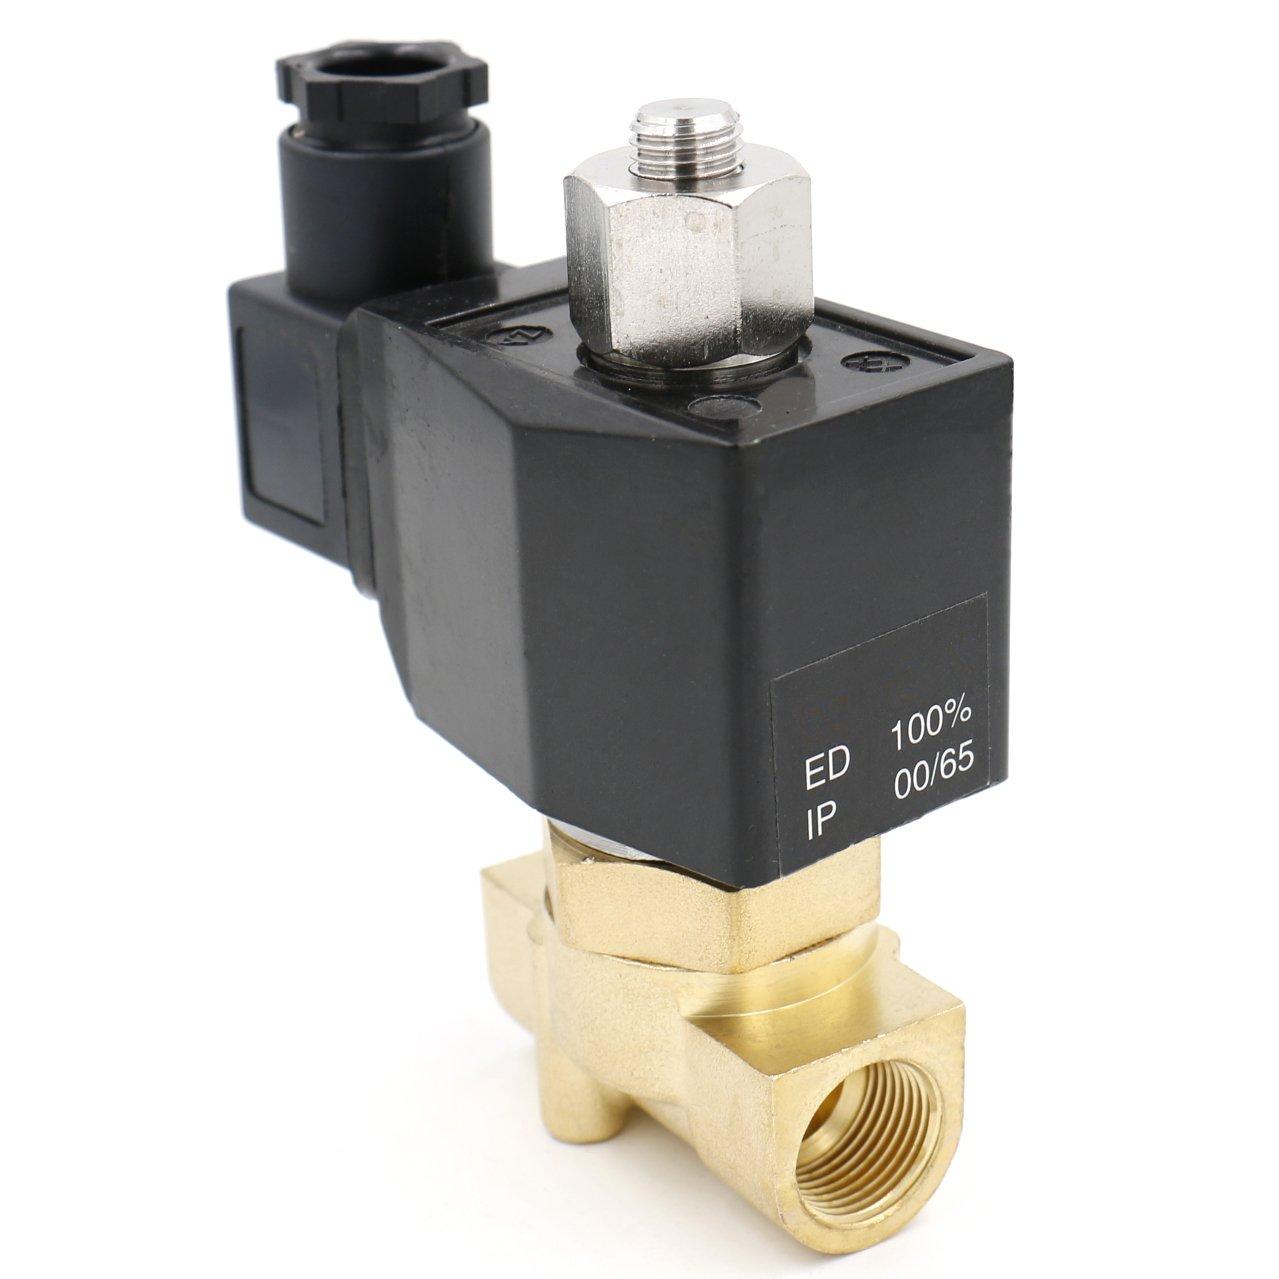 /10/pt 3//8/DC 24/V Acci/ón Directa Agua Aire Gas Normalmente Abierto heschen lat/ón el/éctrico v/álvula solenoide 2/wk040/